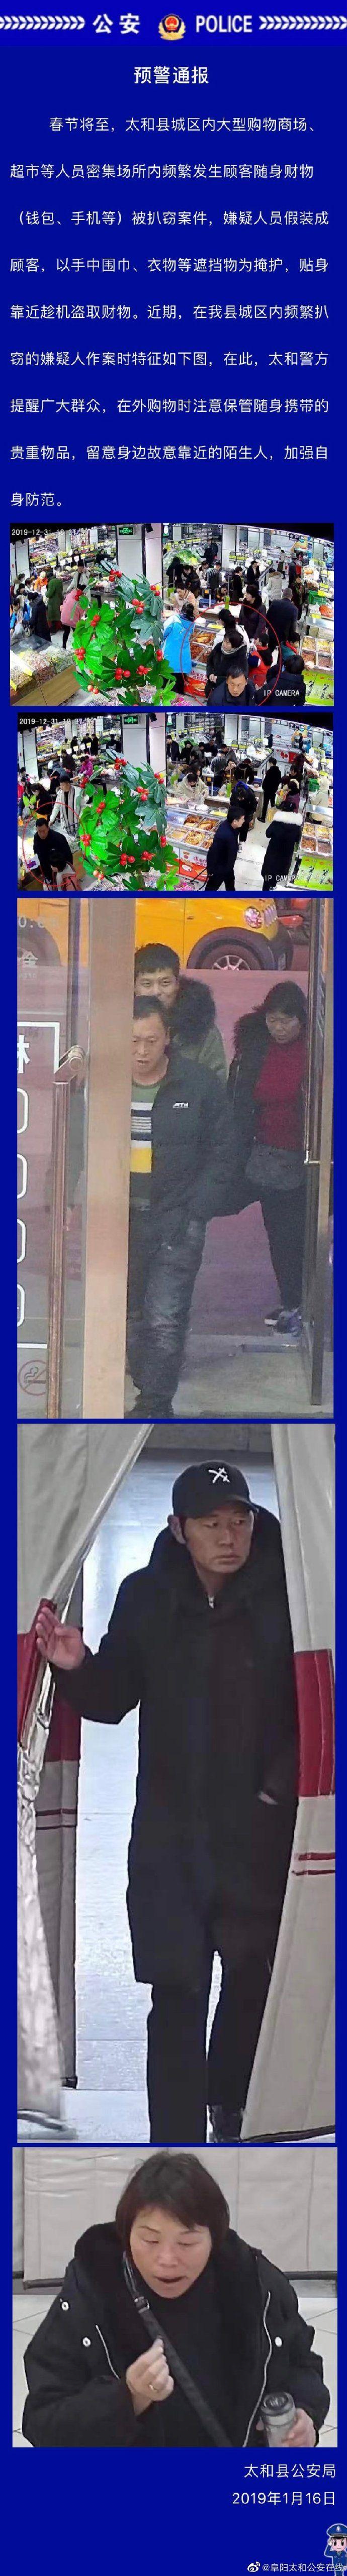 阜阳警方曝光多名扒手作案特征!警惕身边的陌生人